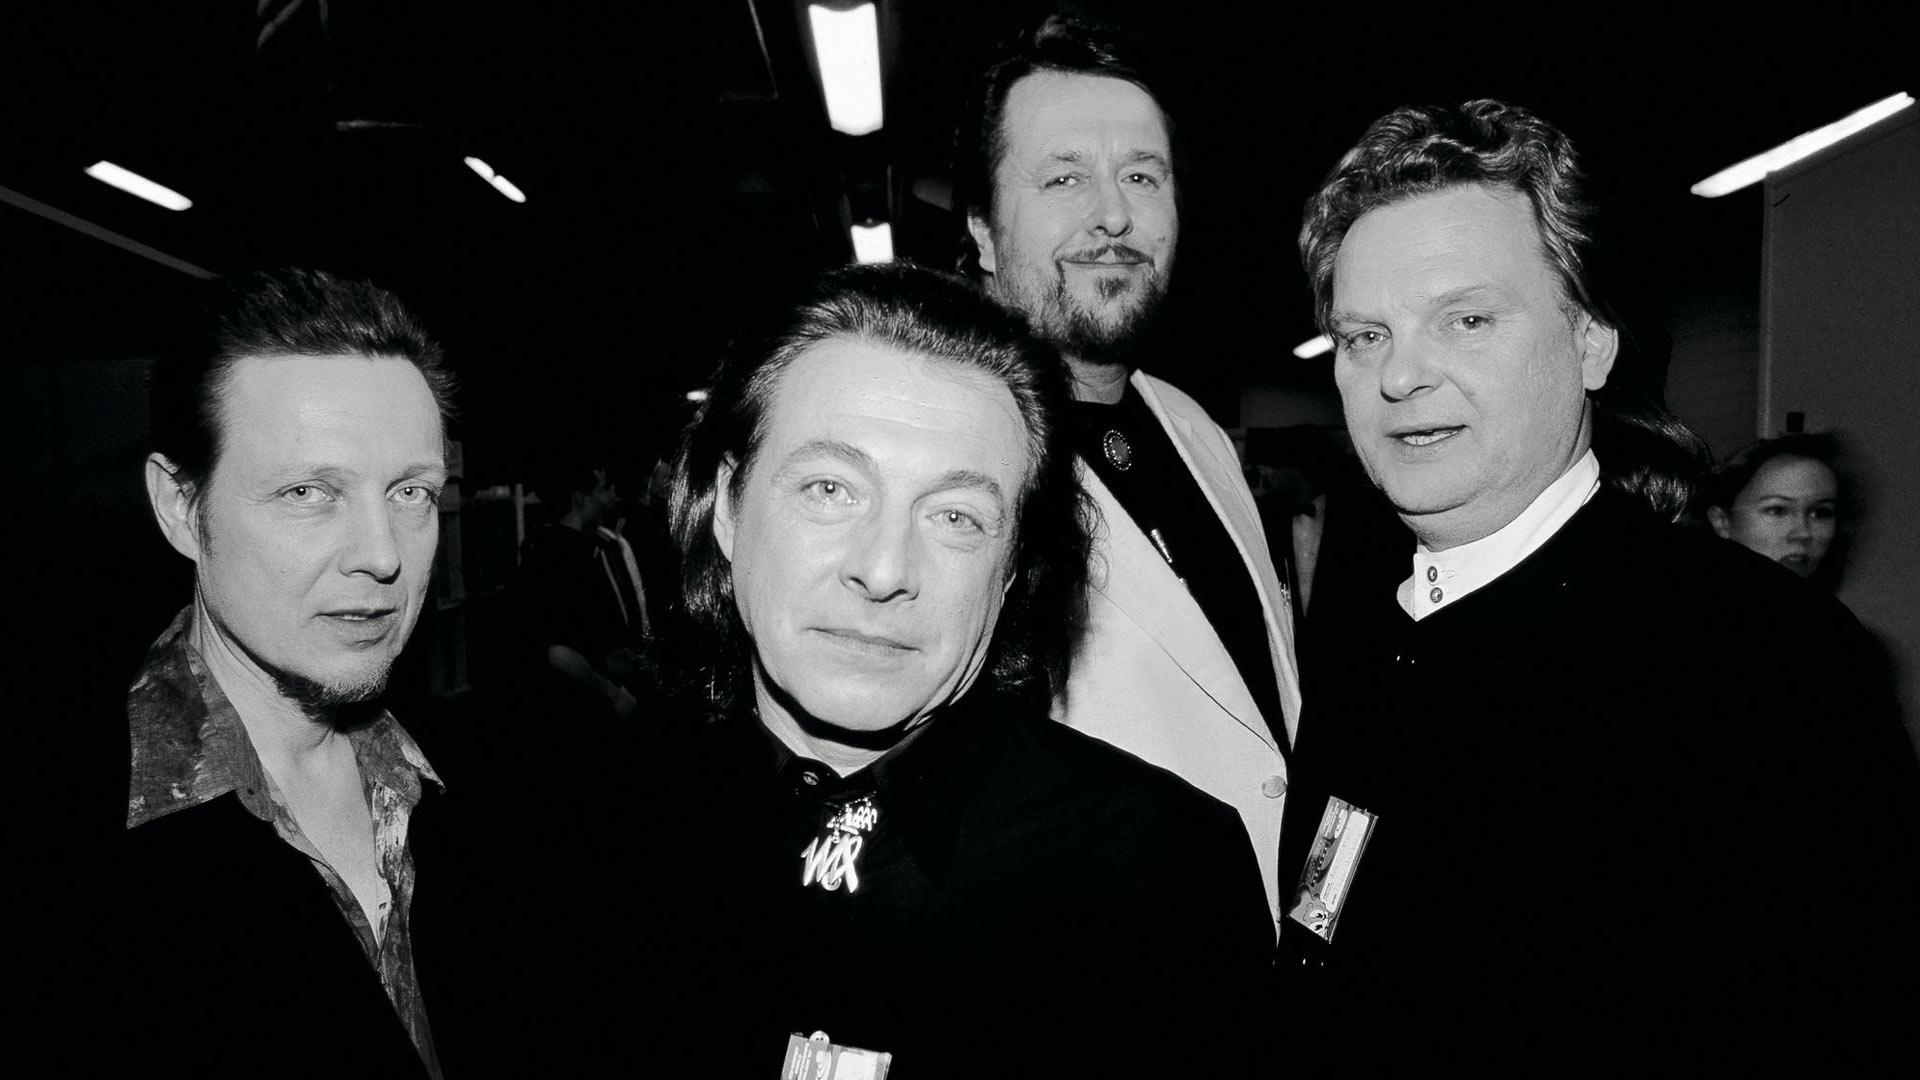 Pave, Kirka Babitzin, Hector eli Heikki Harma ja Pepe Willberg tekivät historiaa Mestarit-kokoonpanollaan.